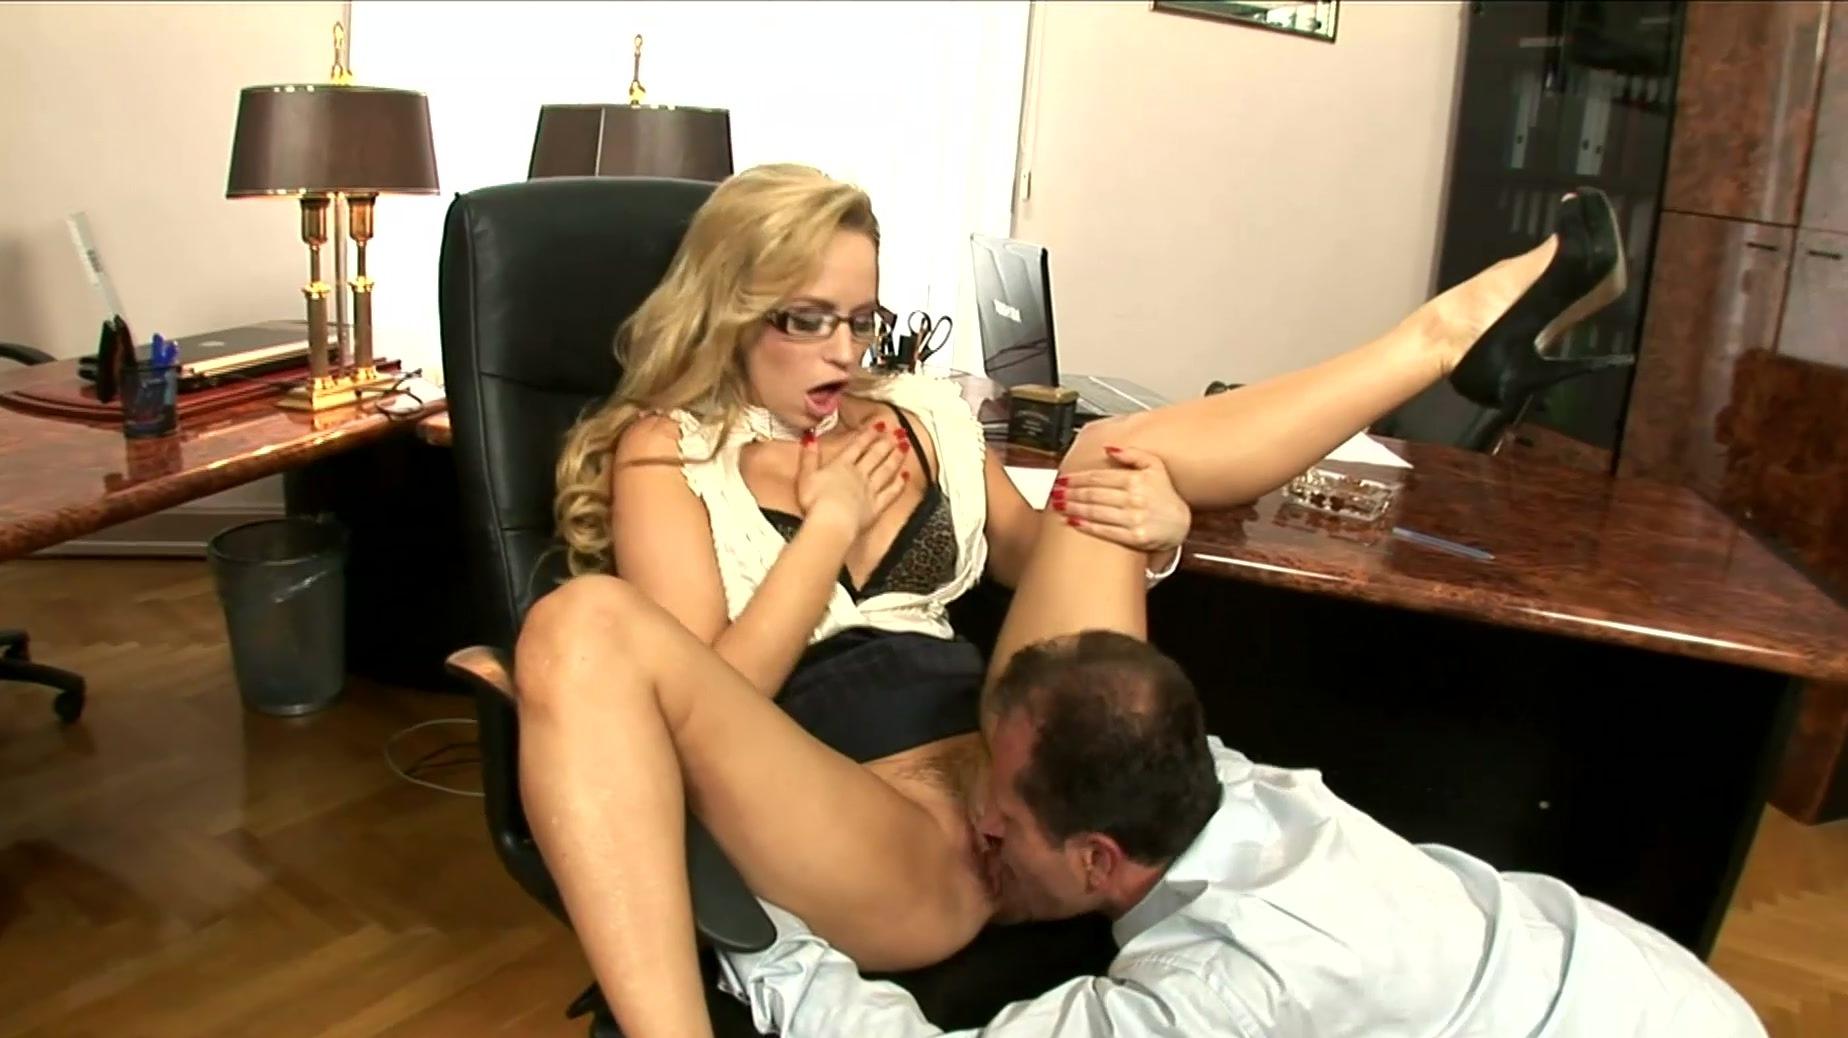 Оргазм порно отлизала под столом пизду смотреть онлайн порно ролики